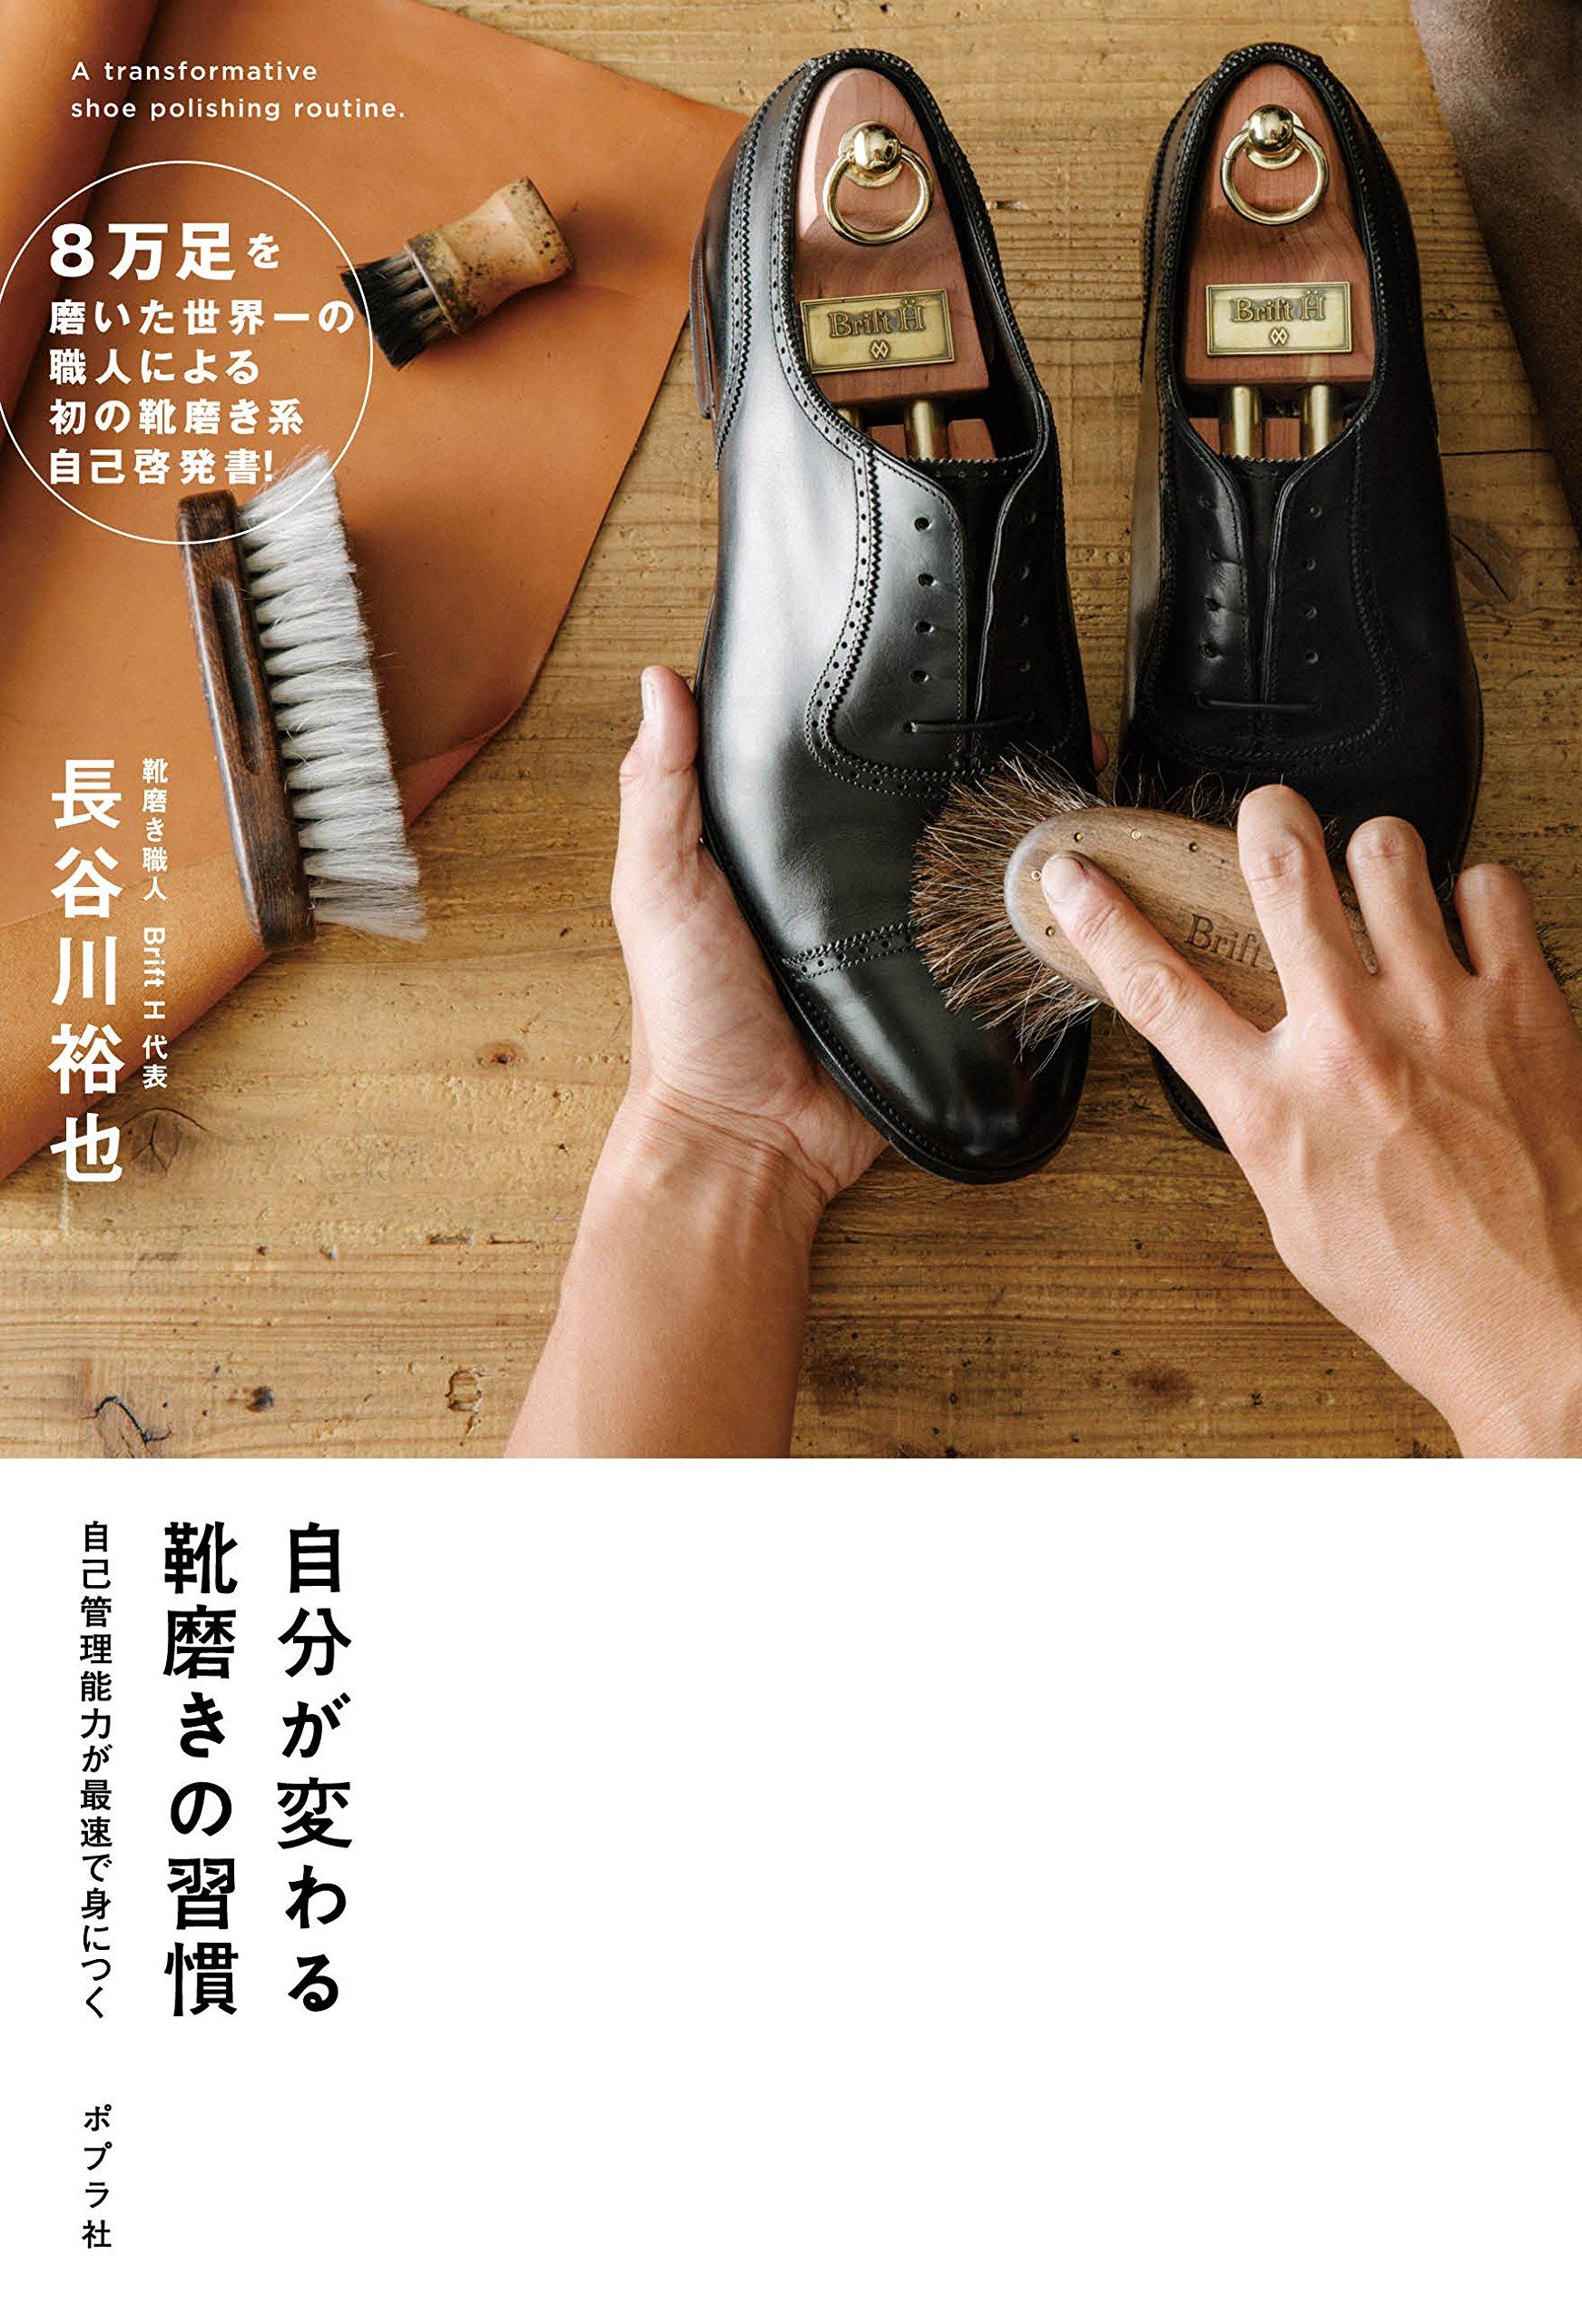 「長谷川裕也靴」の画像検索結果